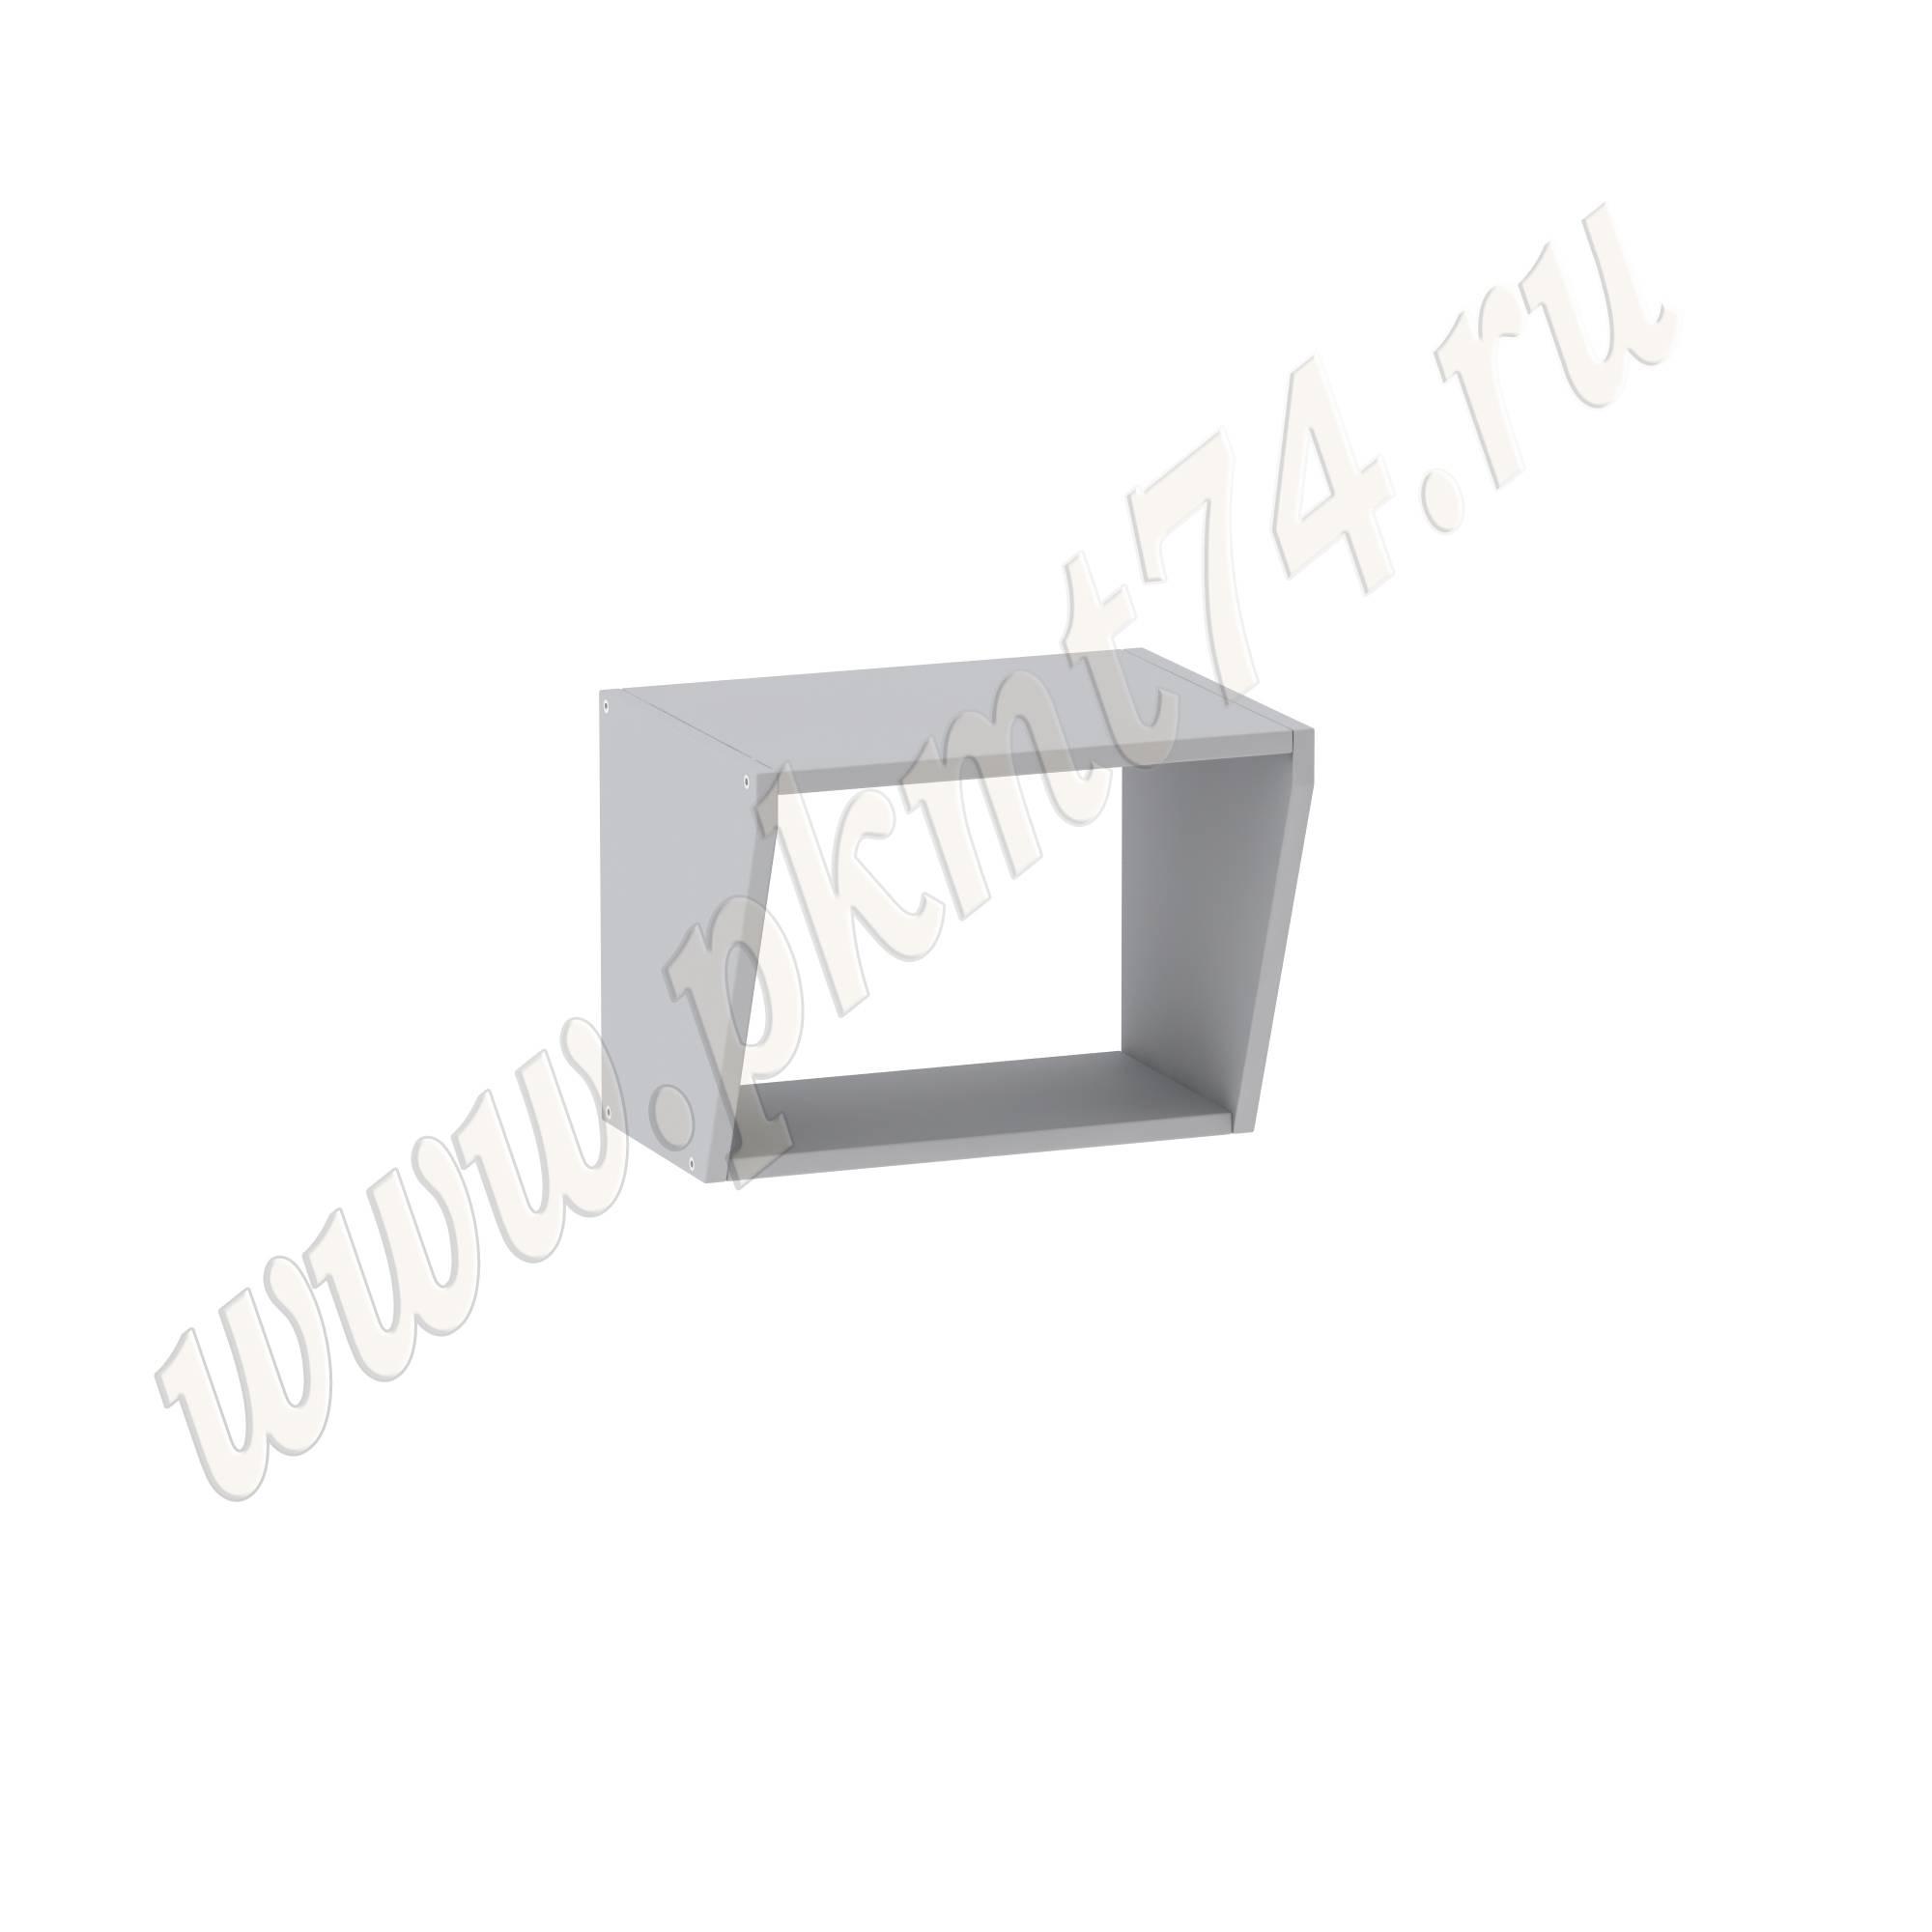 Полка кухонная подвесная малая МТ 32-20